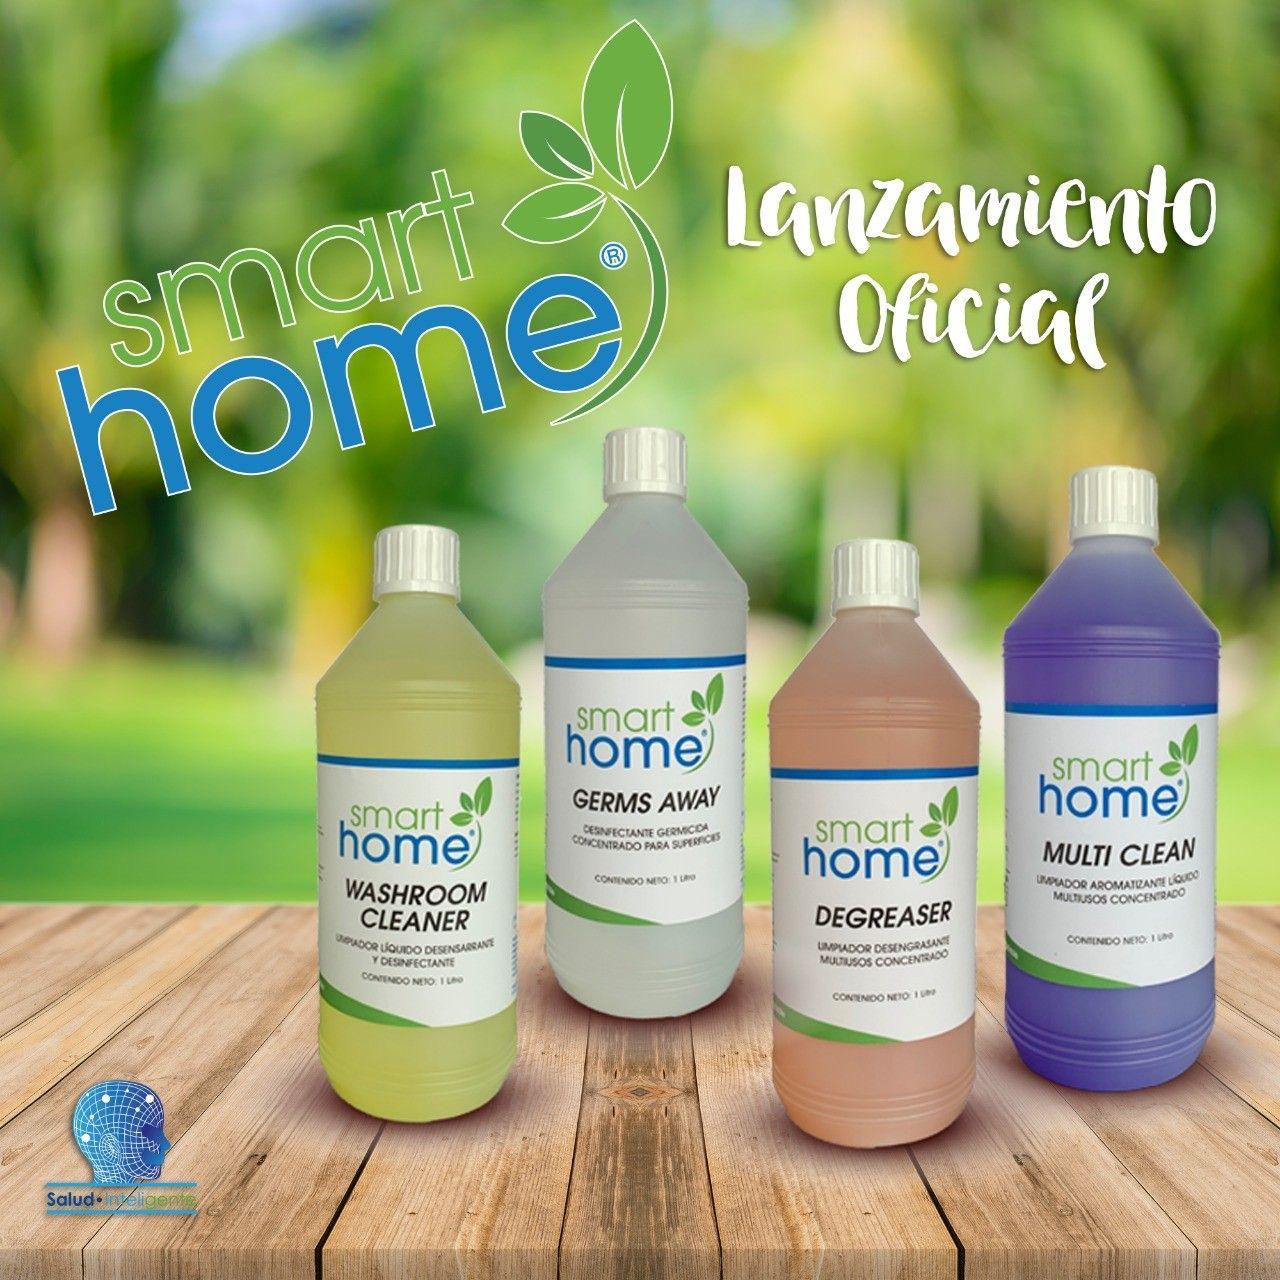 Smart Home Productos De Limpieza Ecologicos Regaderas Limpieza